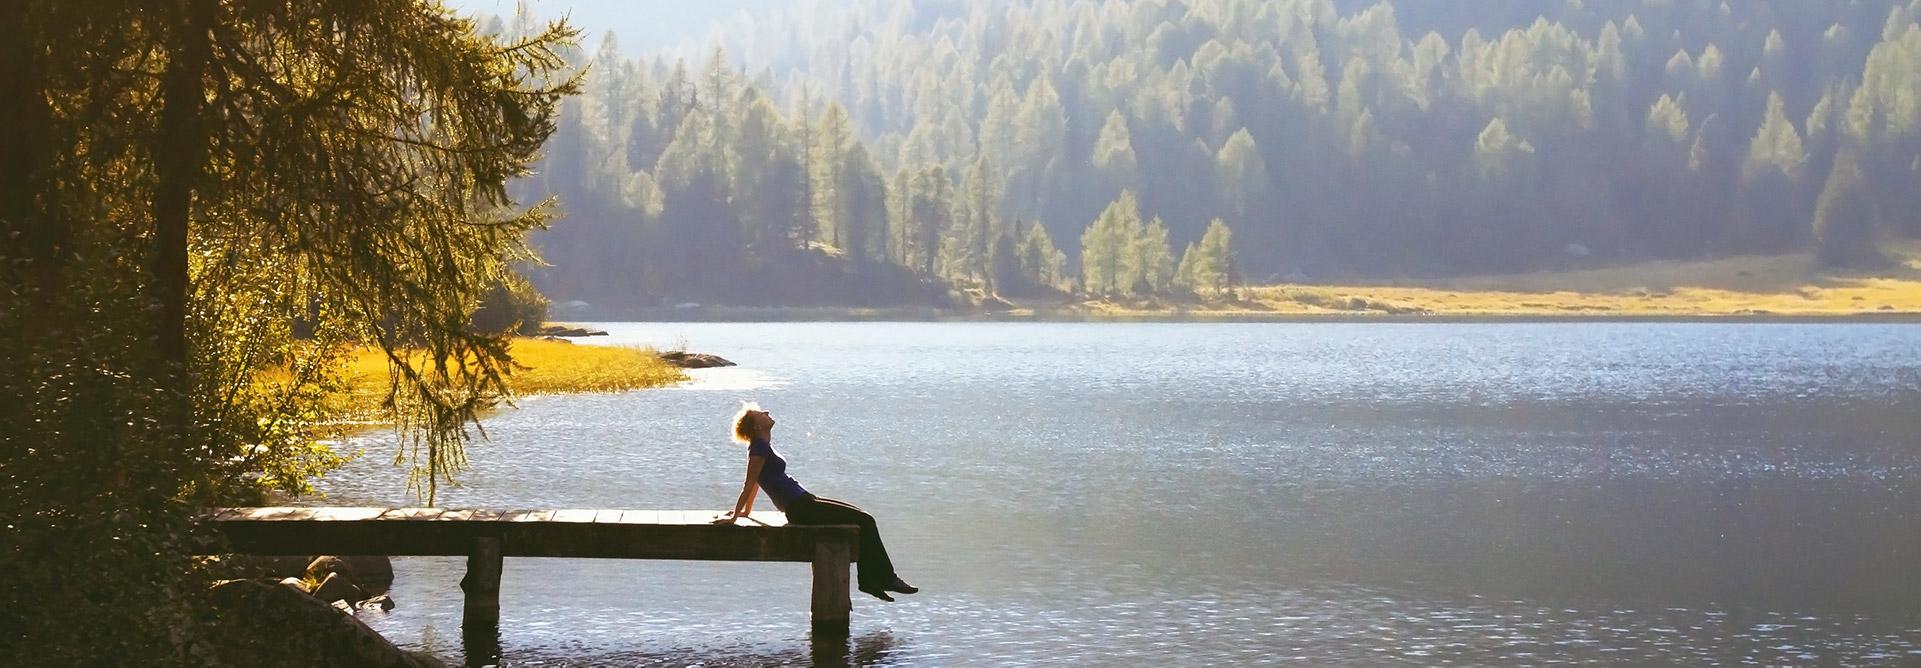 Kobieta relaksująca się na pomoście nad jeziorem otoczonym lasem